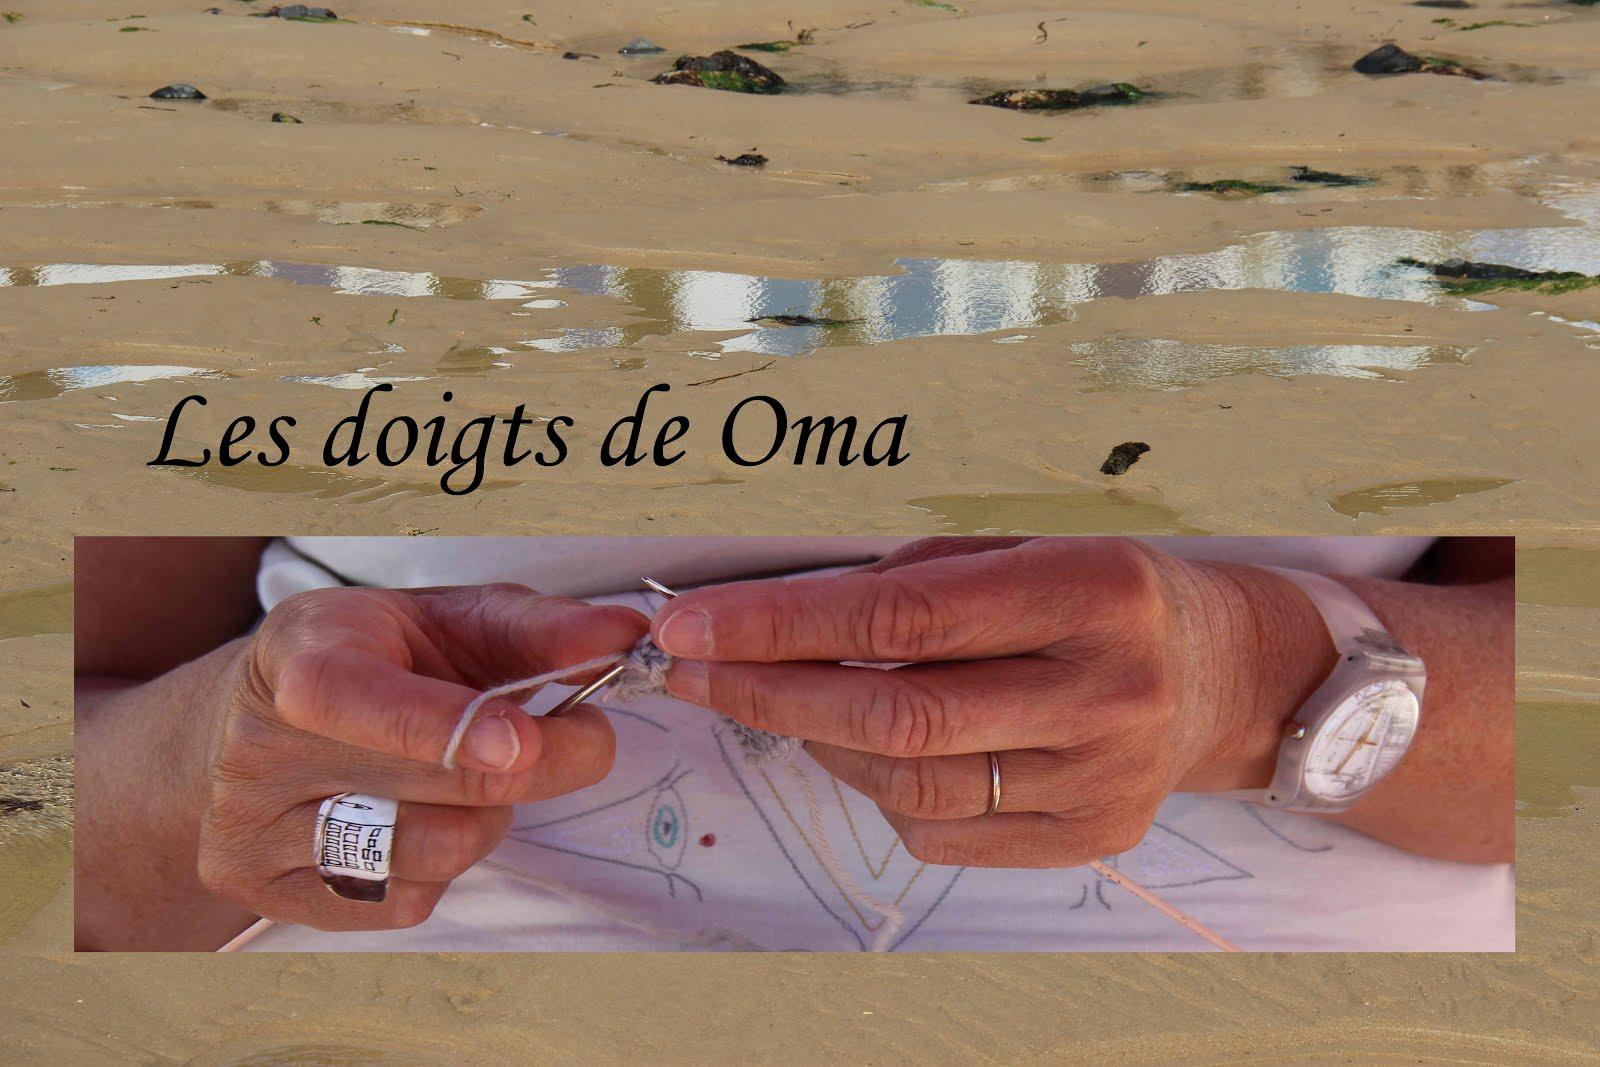 Les doigts de Oma